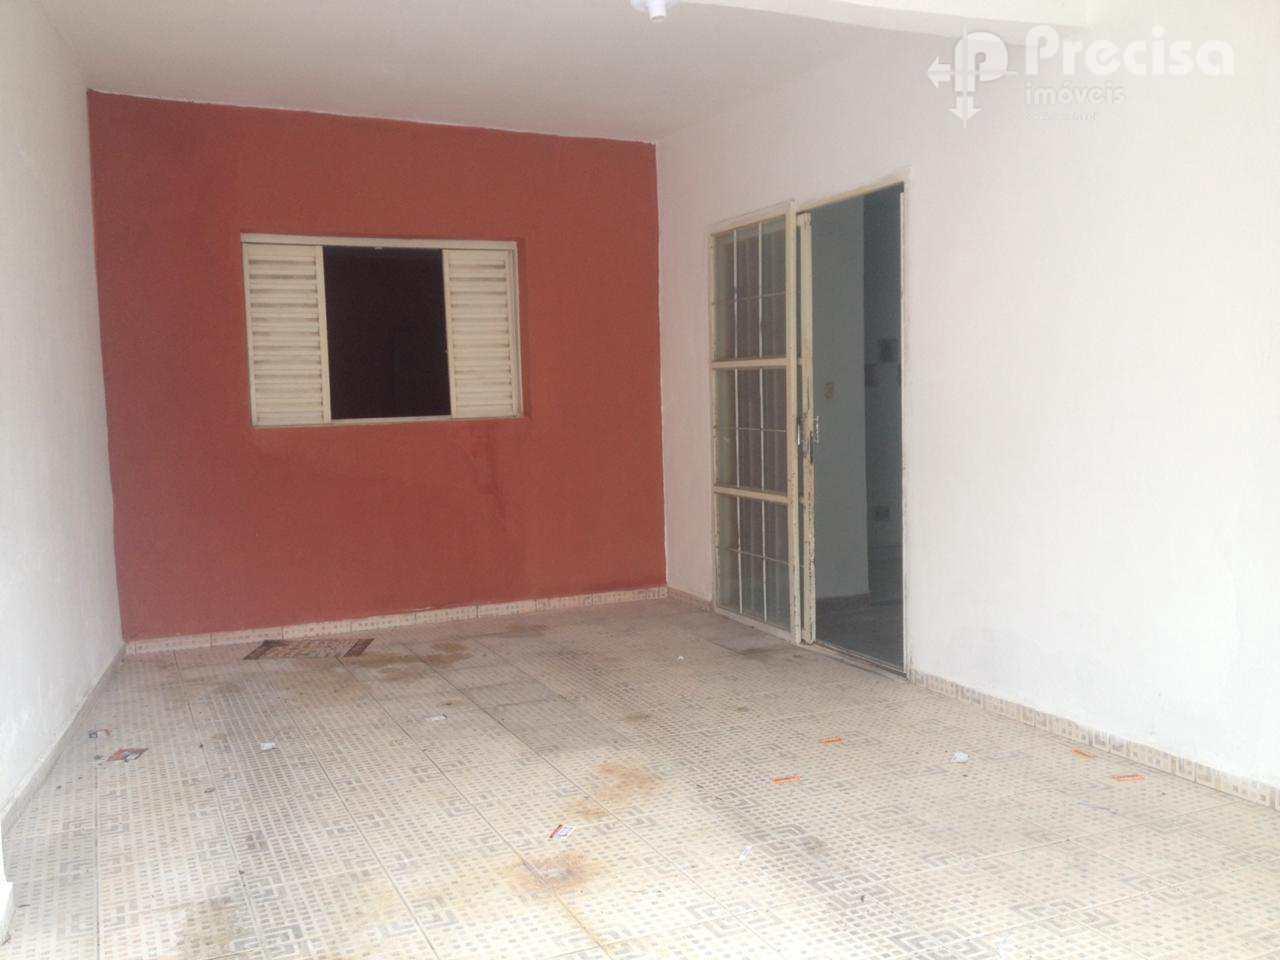 Casa com 3 dorms, Cabelinha, Lorena - R$ 265 mil, Cod: 60211056